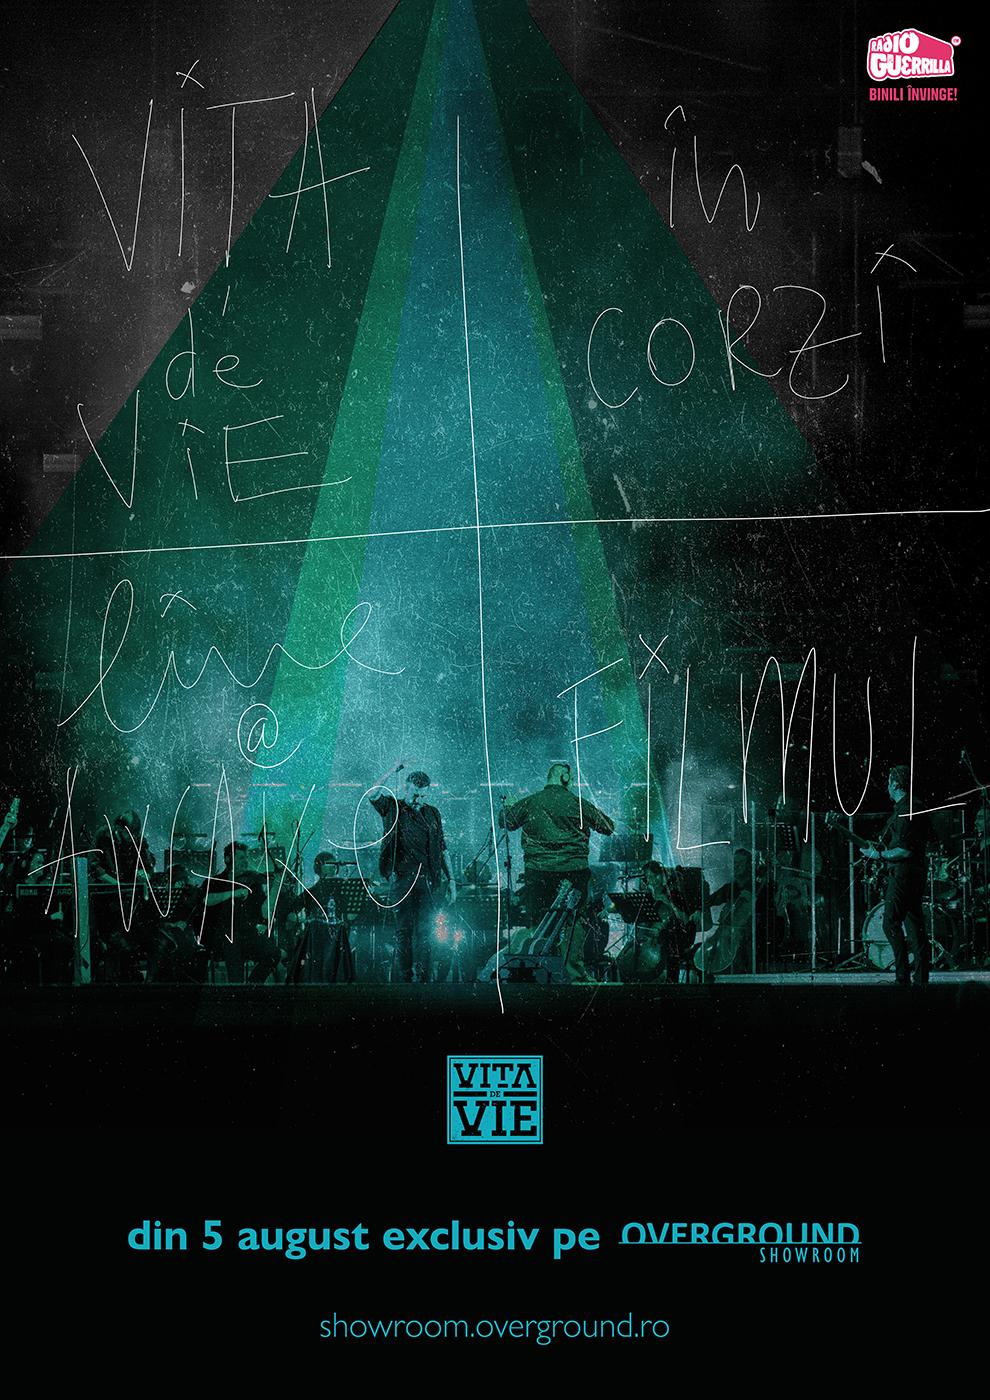 """{focus_keyword} Vița de Vie lansează piesa """"Praf de stele"""" live la AWAKE. Concertul simfonic """"În corzi"""" este disponibil integral online din 5 august exclusiv pe Overground Showroom VdV portrait"""